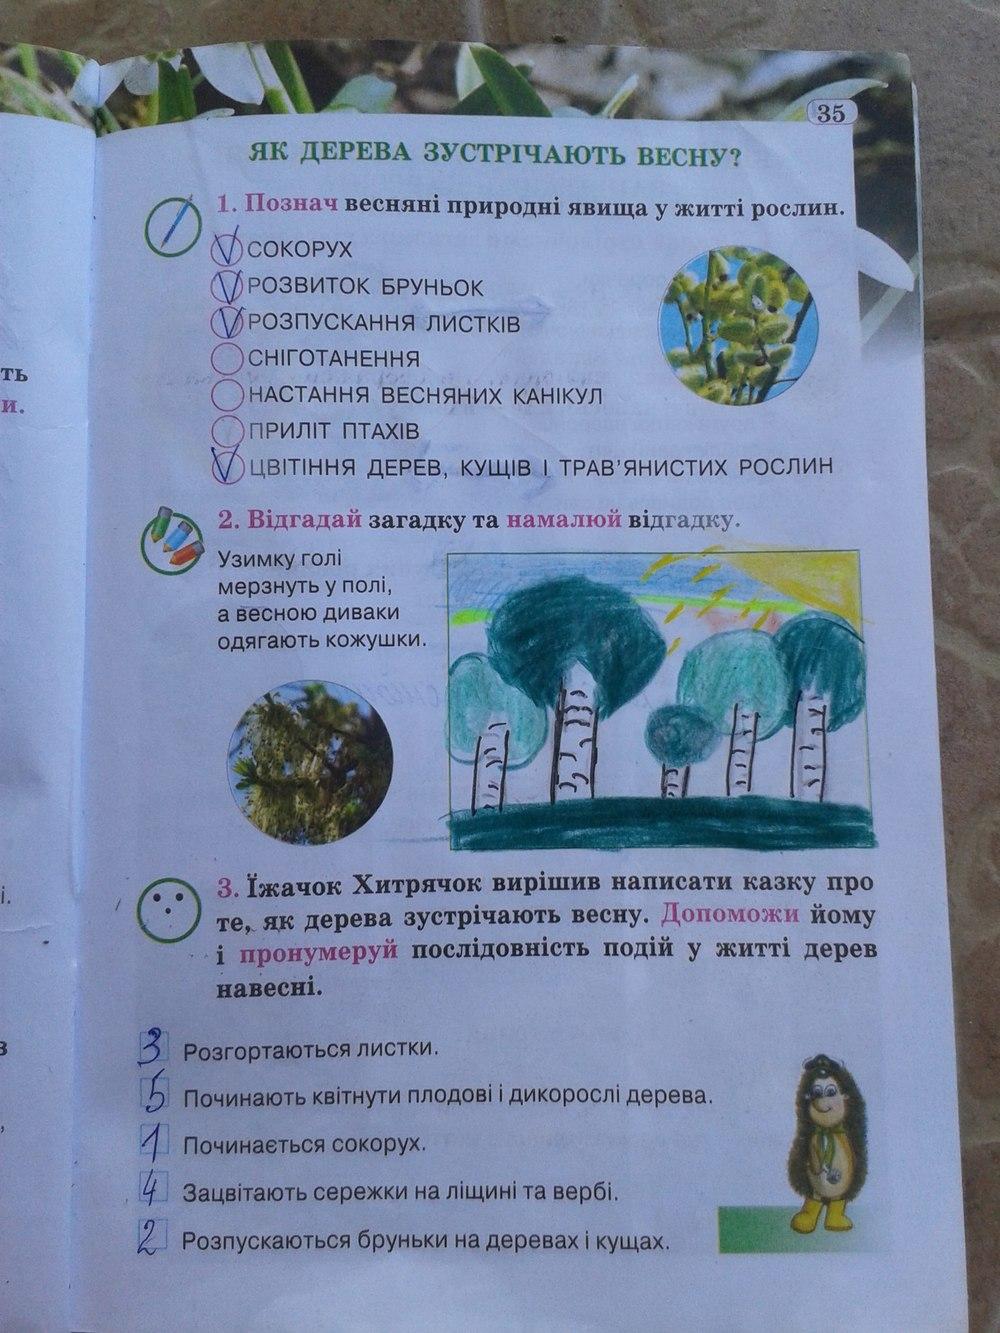 ГДЗ відповіді робочий зошит по биологии 2 класс И. Грущинська. Задание: стр. 35